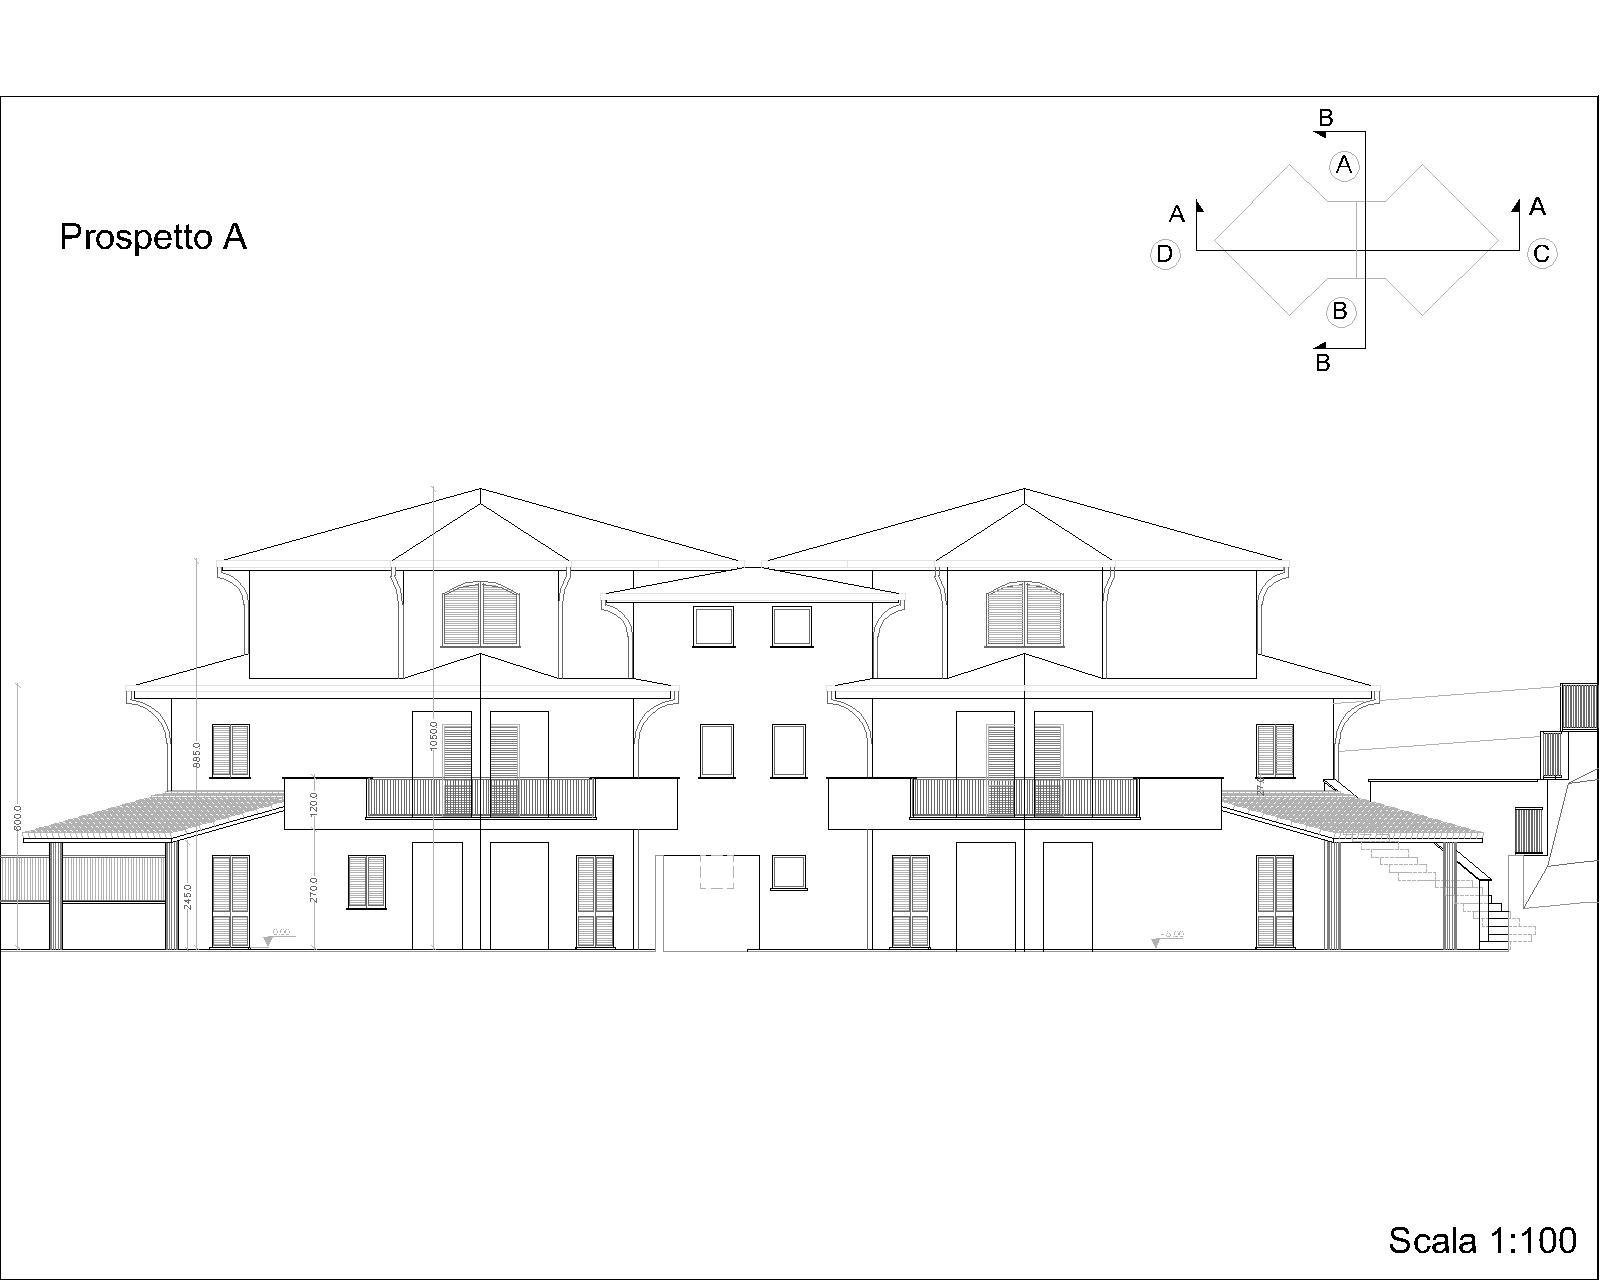 Progetti concorso aarchitetture ddintorni for Progetti di case costiere